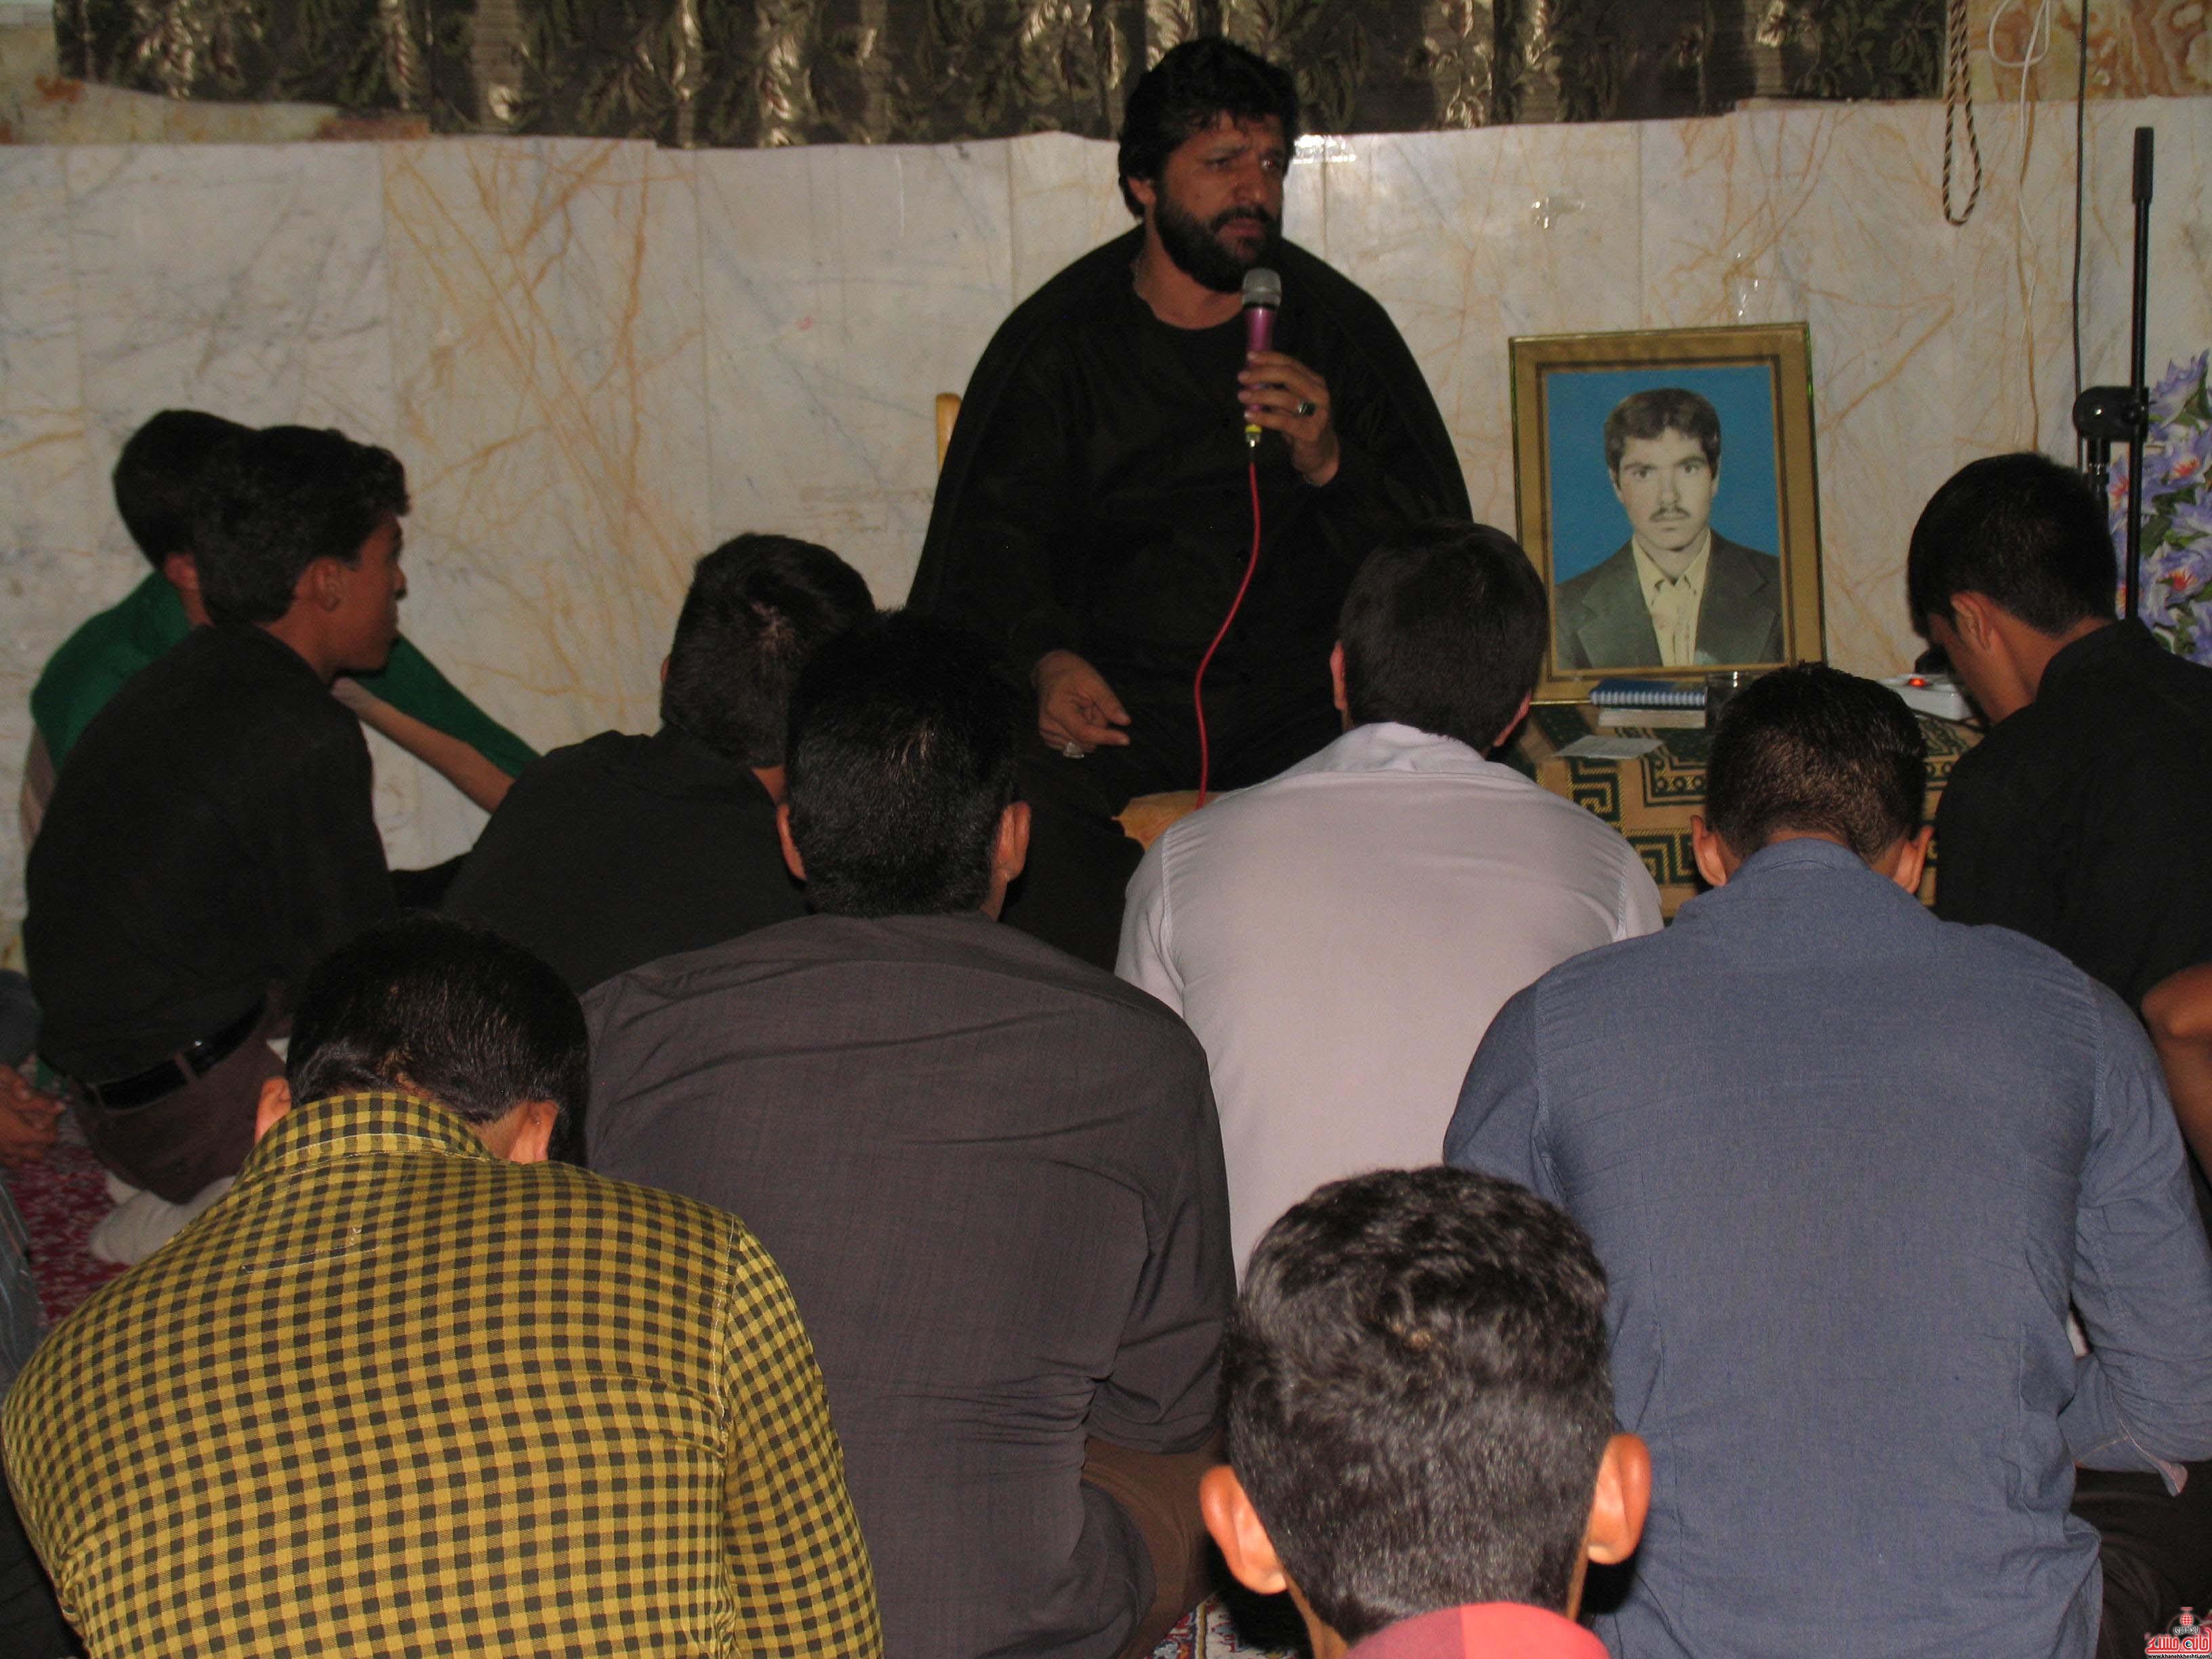 مراسم یادبود شهید حسین شمس الدینی رکن آباد برگزار شد/ عکس